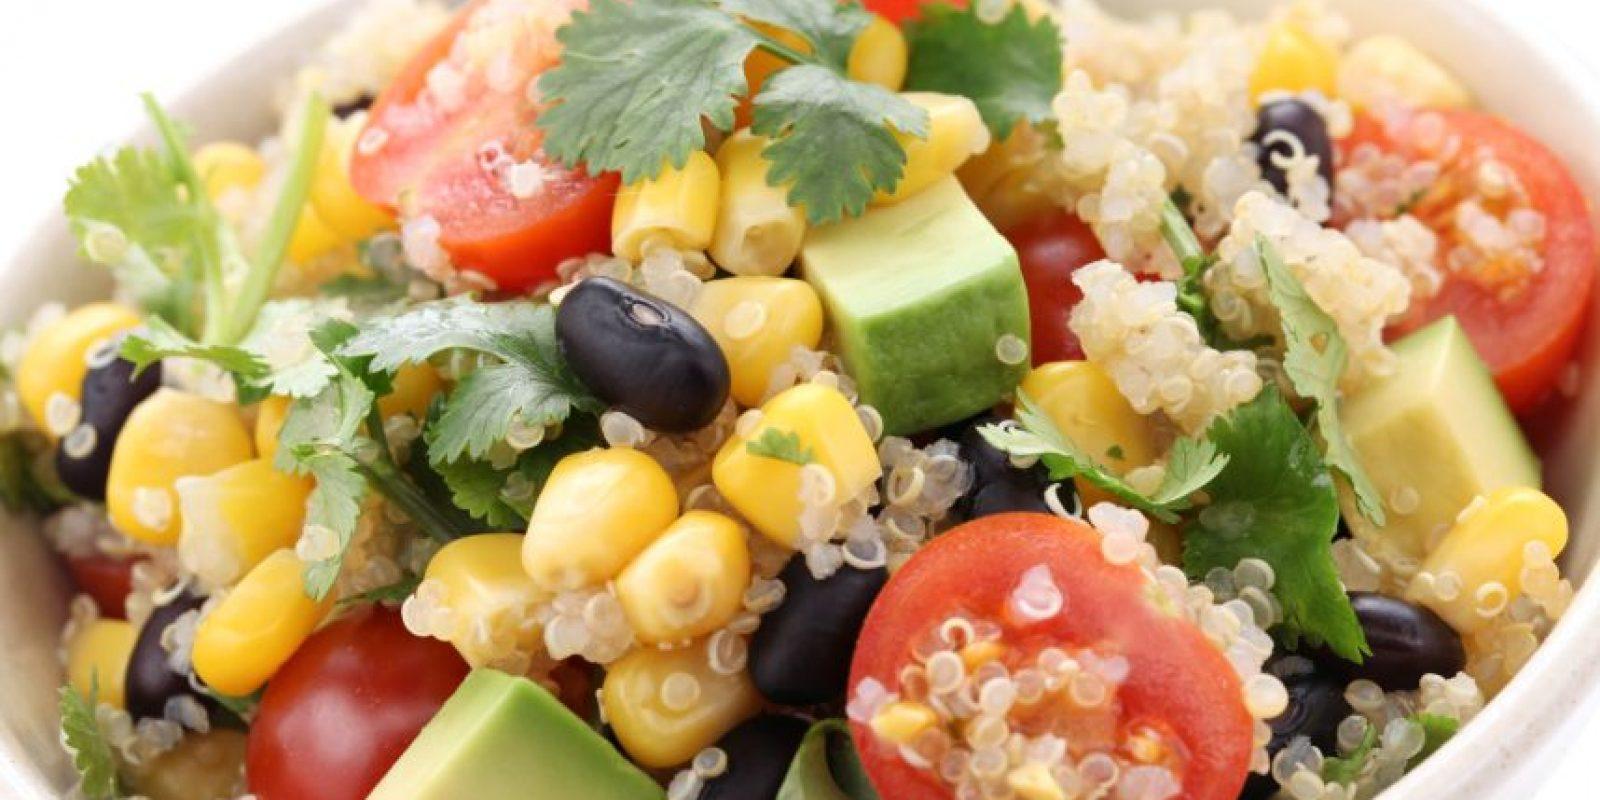 2- Ensalada de maíz y vegetales. Muy rápida y fácil de hacer. Esta ensalada a la que le podemos agregar pimientos, aceitunas, zanahoria y garbanzos es una fuente de fibra y calorías necesarias para nuestras actividades diarias. Foto:Fuente externa